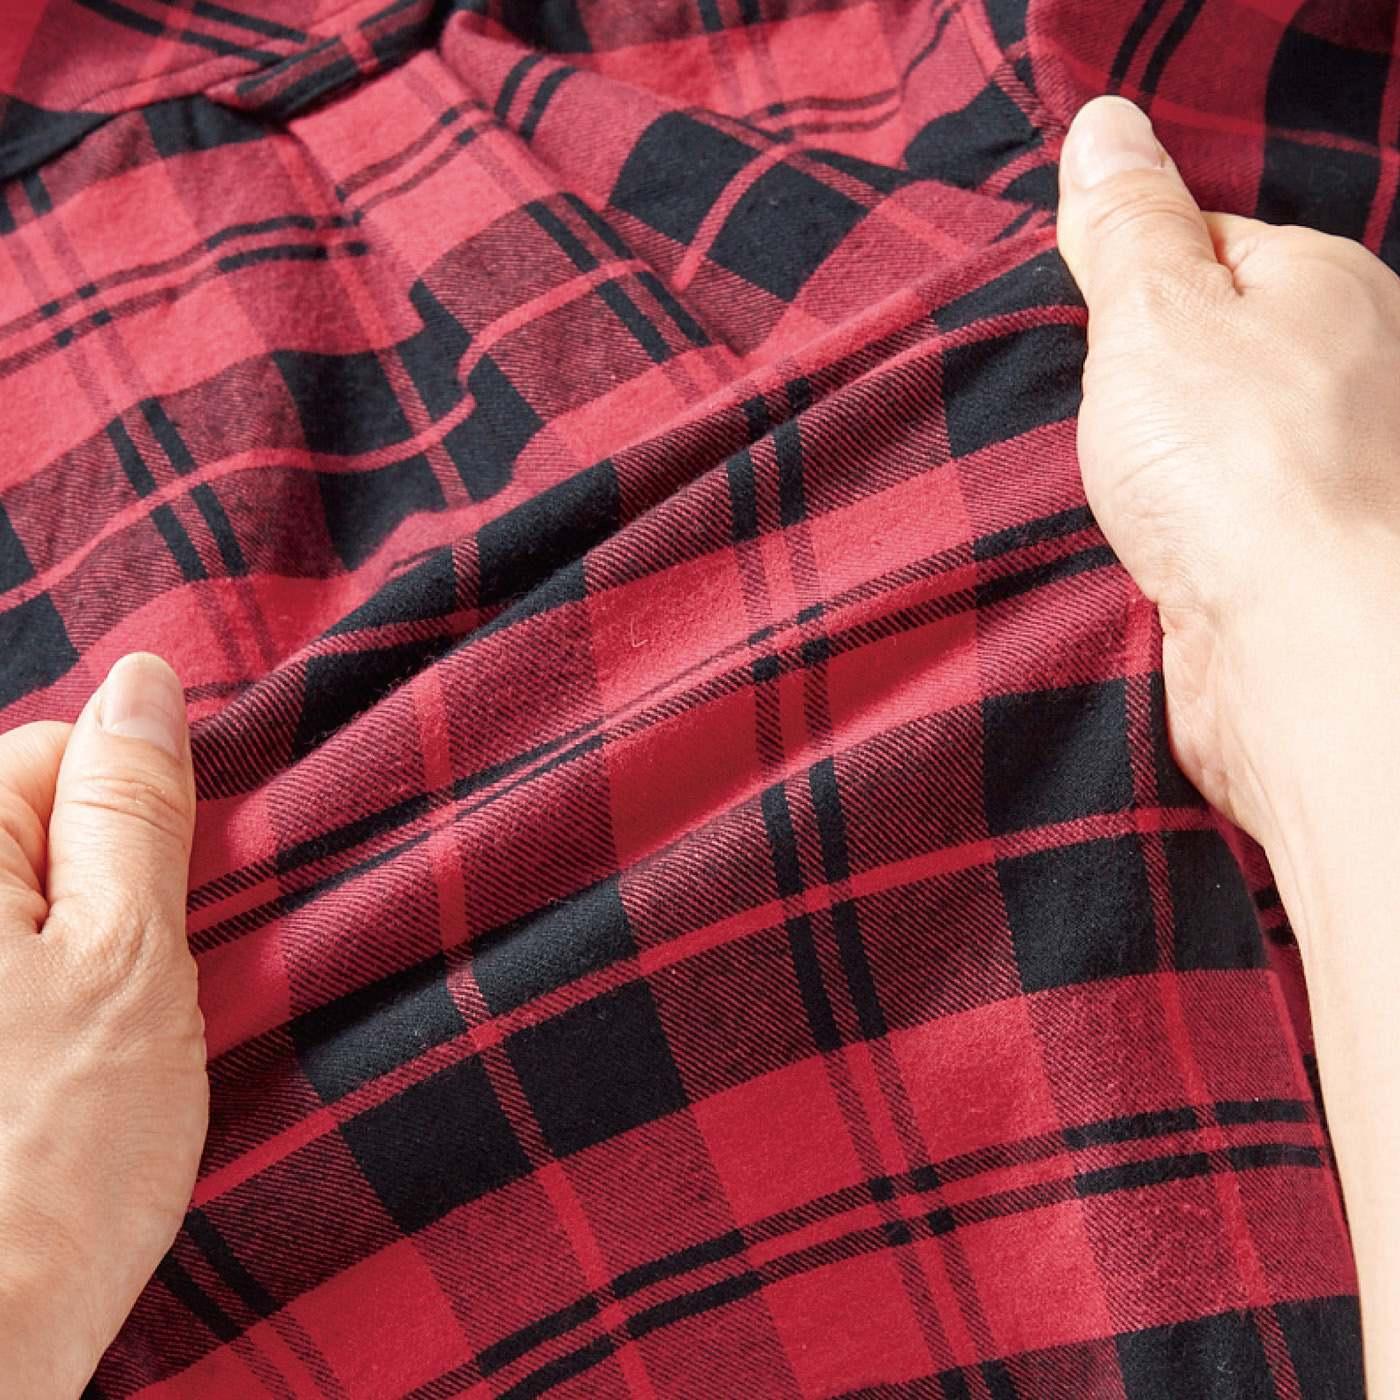 綿素材にポリウレタンをプラス。ストレッチ性にすぐれているので、肩まわりもらくらくです。